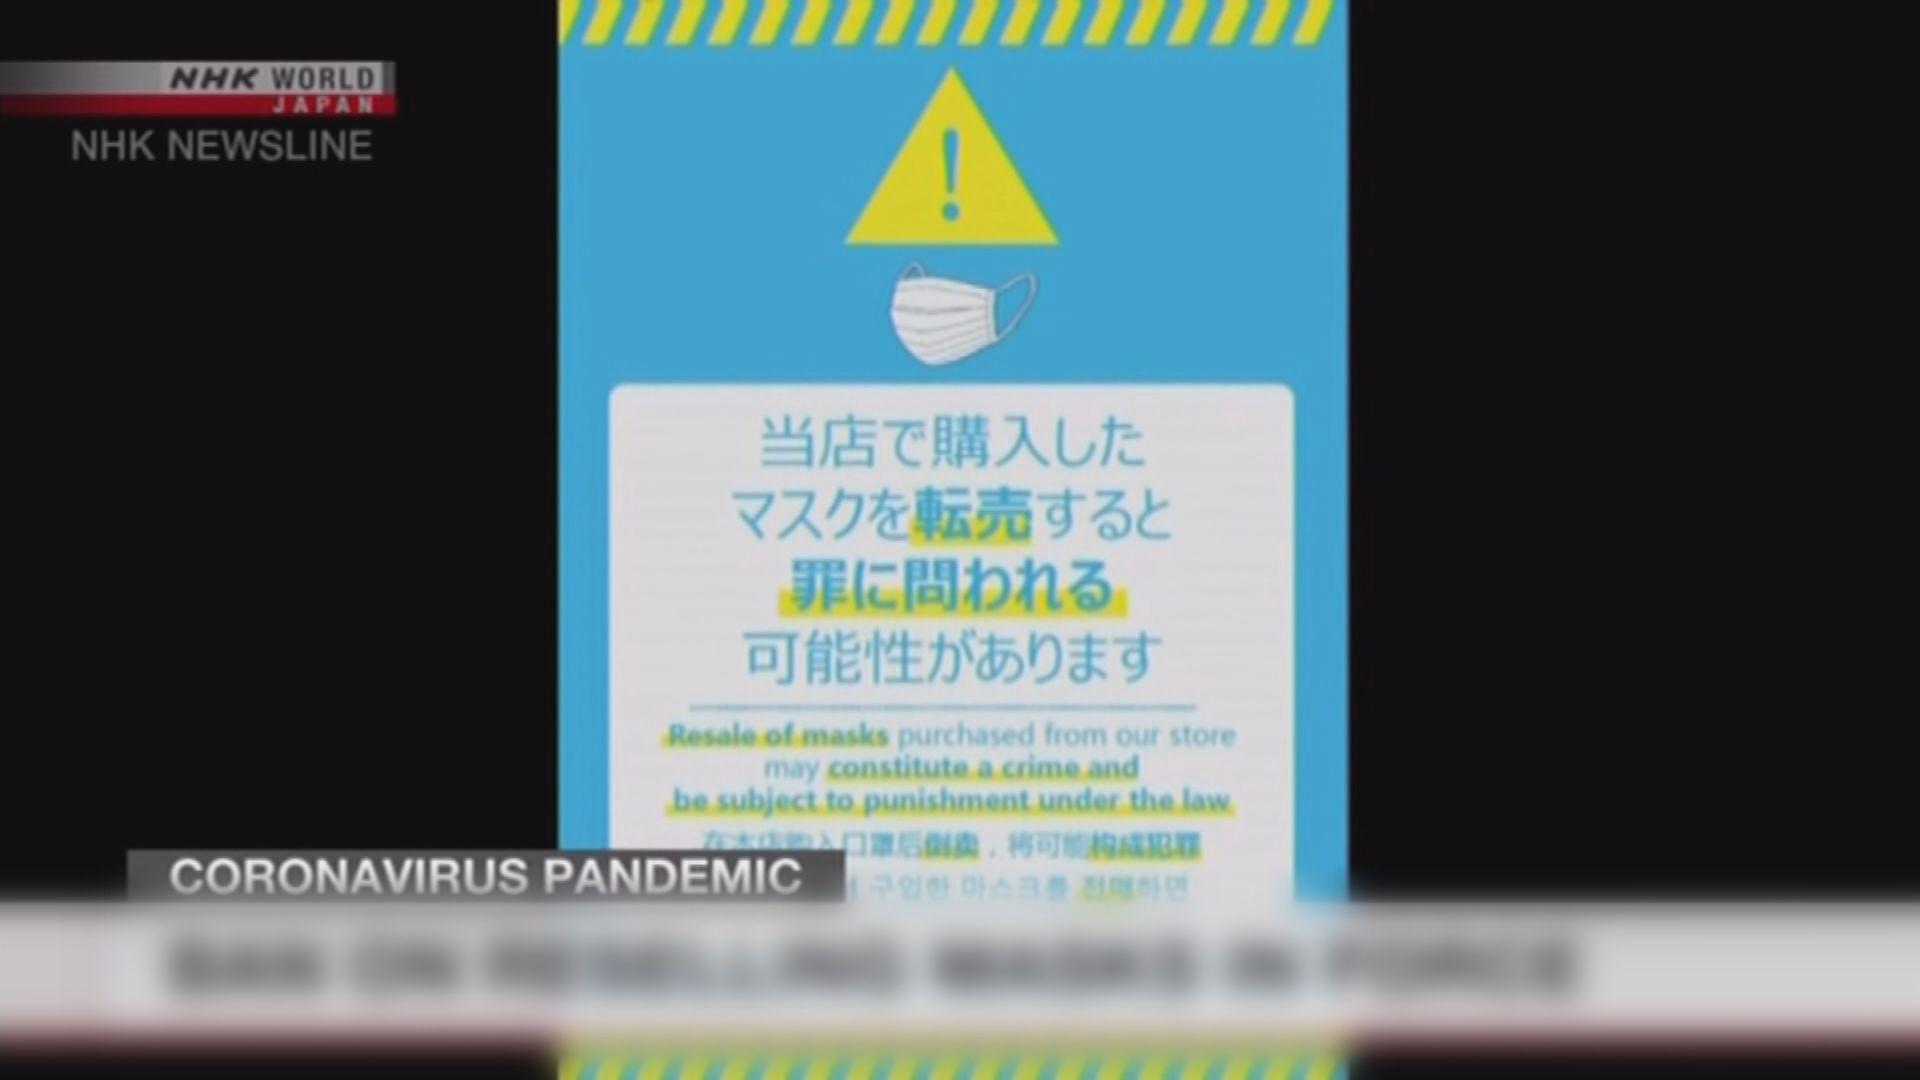 日本即日起禁止高價轉售口罩